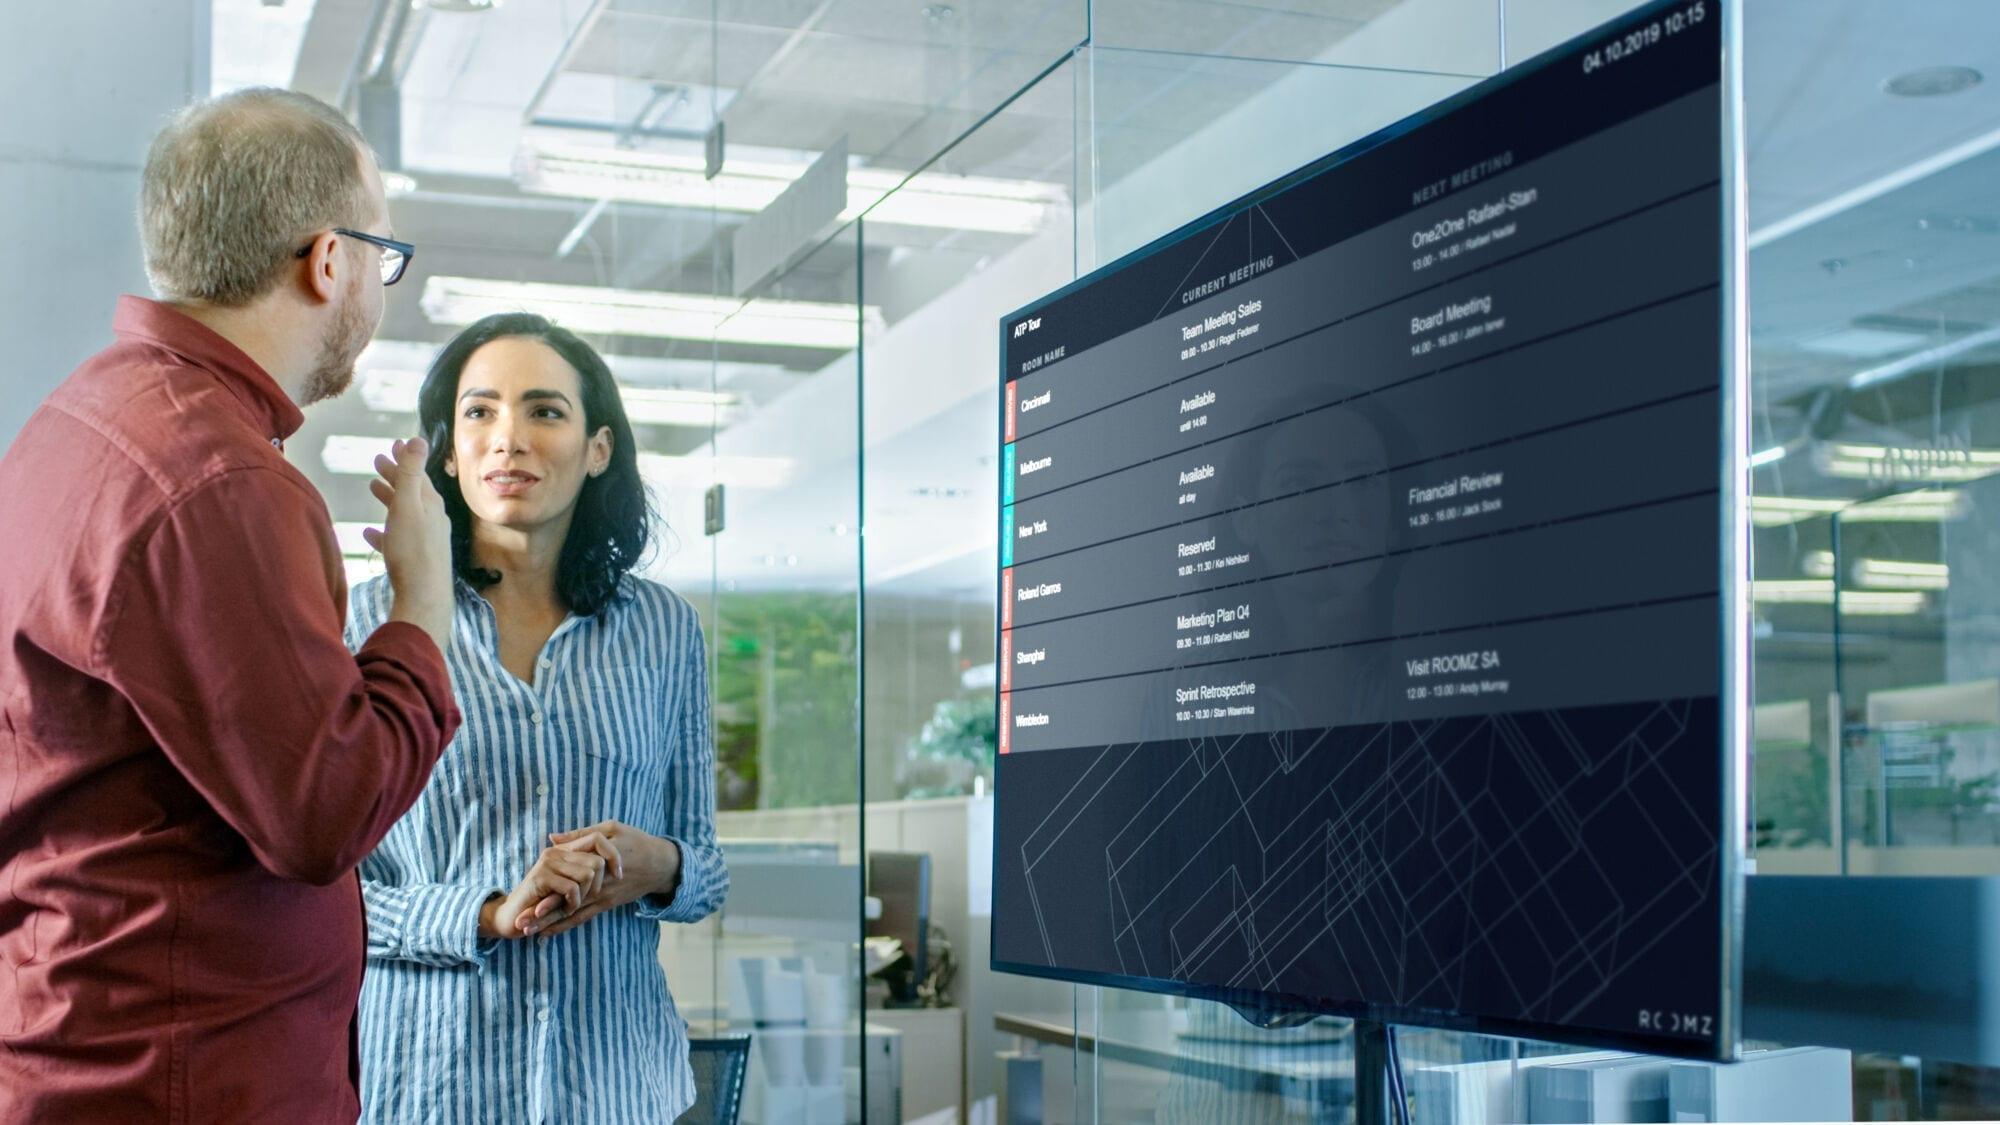 Mitarbeiter studieren die digtialen Grundrisse ihrer Firma am ROOMZ Viewer Flightboard, um einen freien Meetingsraum zu finden.